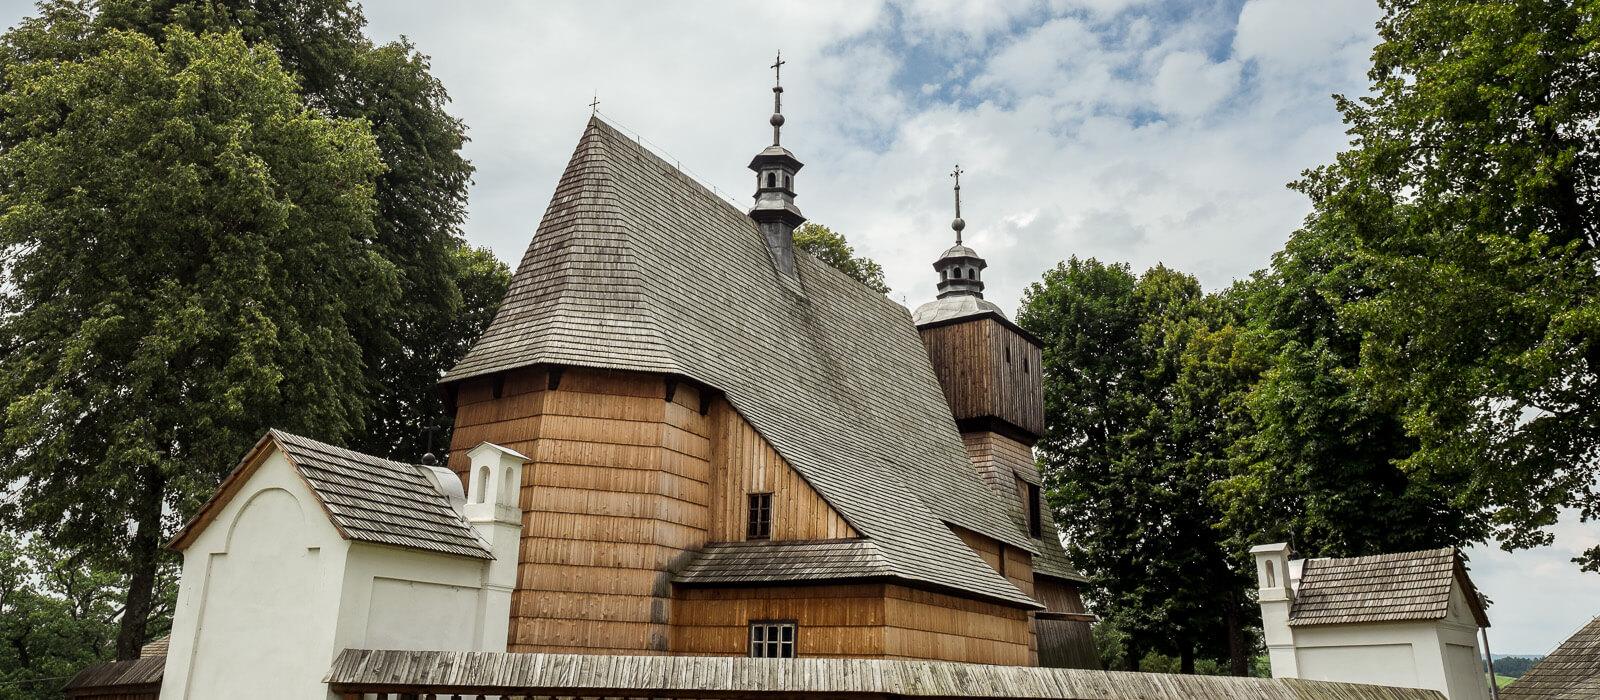 Drewno to podkarpackie złoto. 15 miejsc doskonałych na początek przygody z architekturą drewnianą